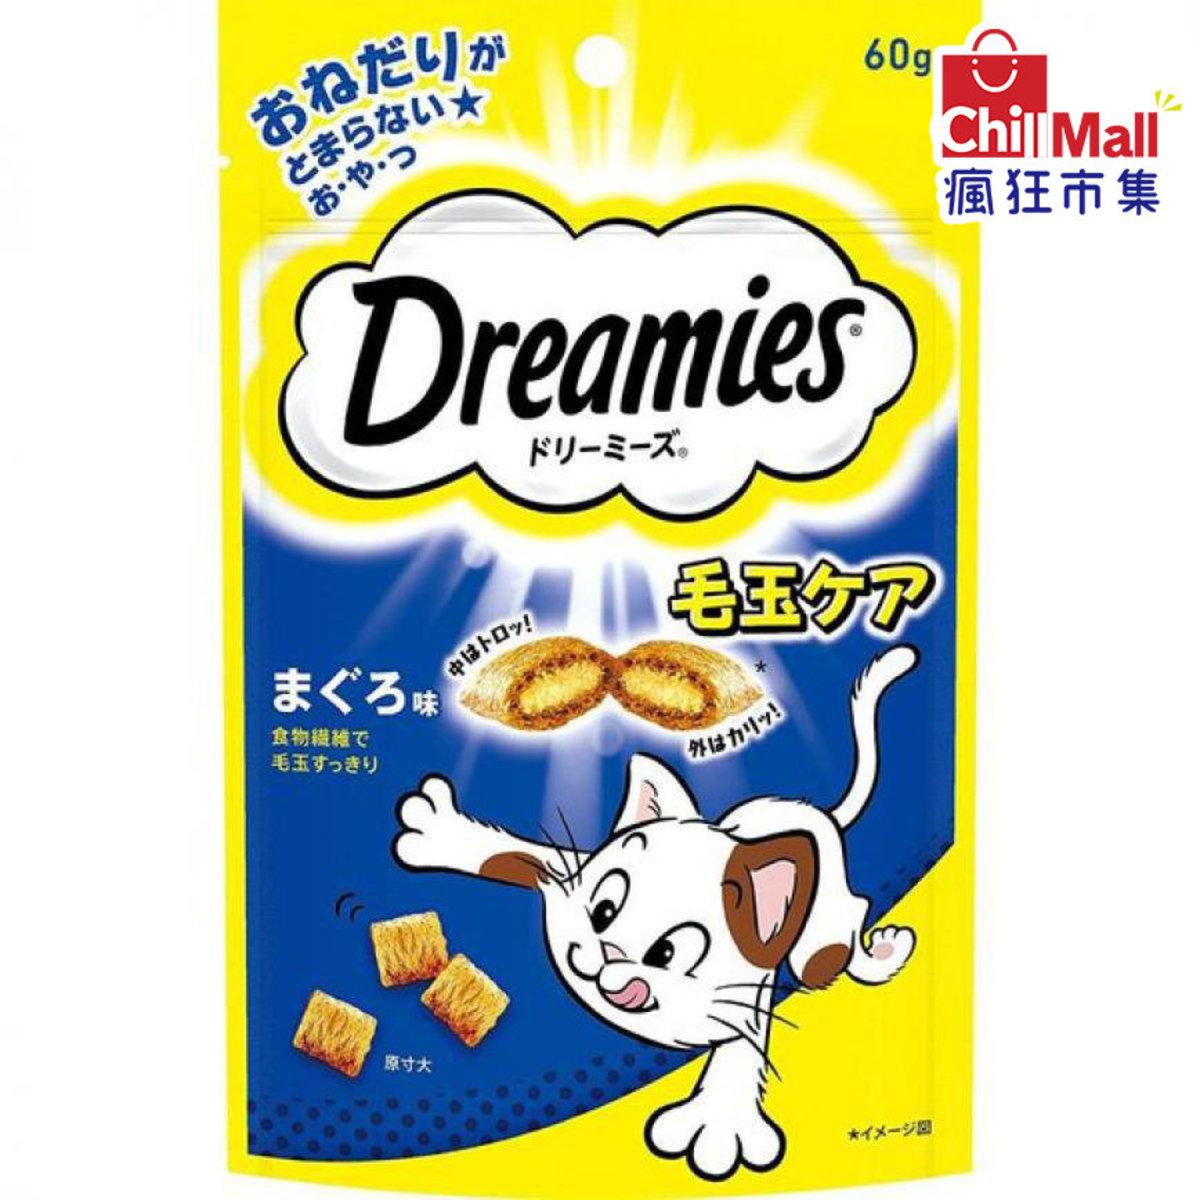 日本Dreamies 護齒夾心酥 毛玉配慮金槍魚片味 60g (深藍) 7844426